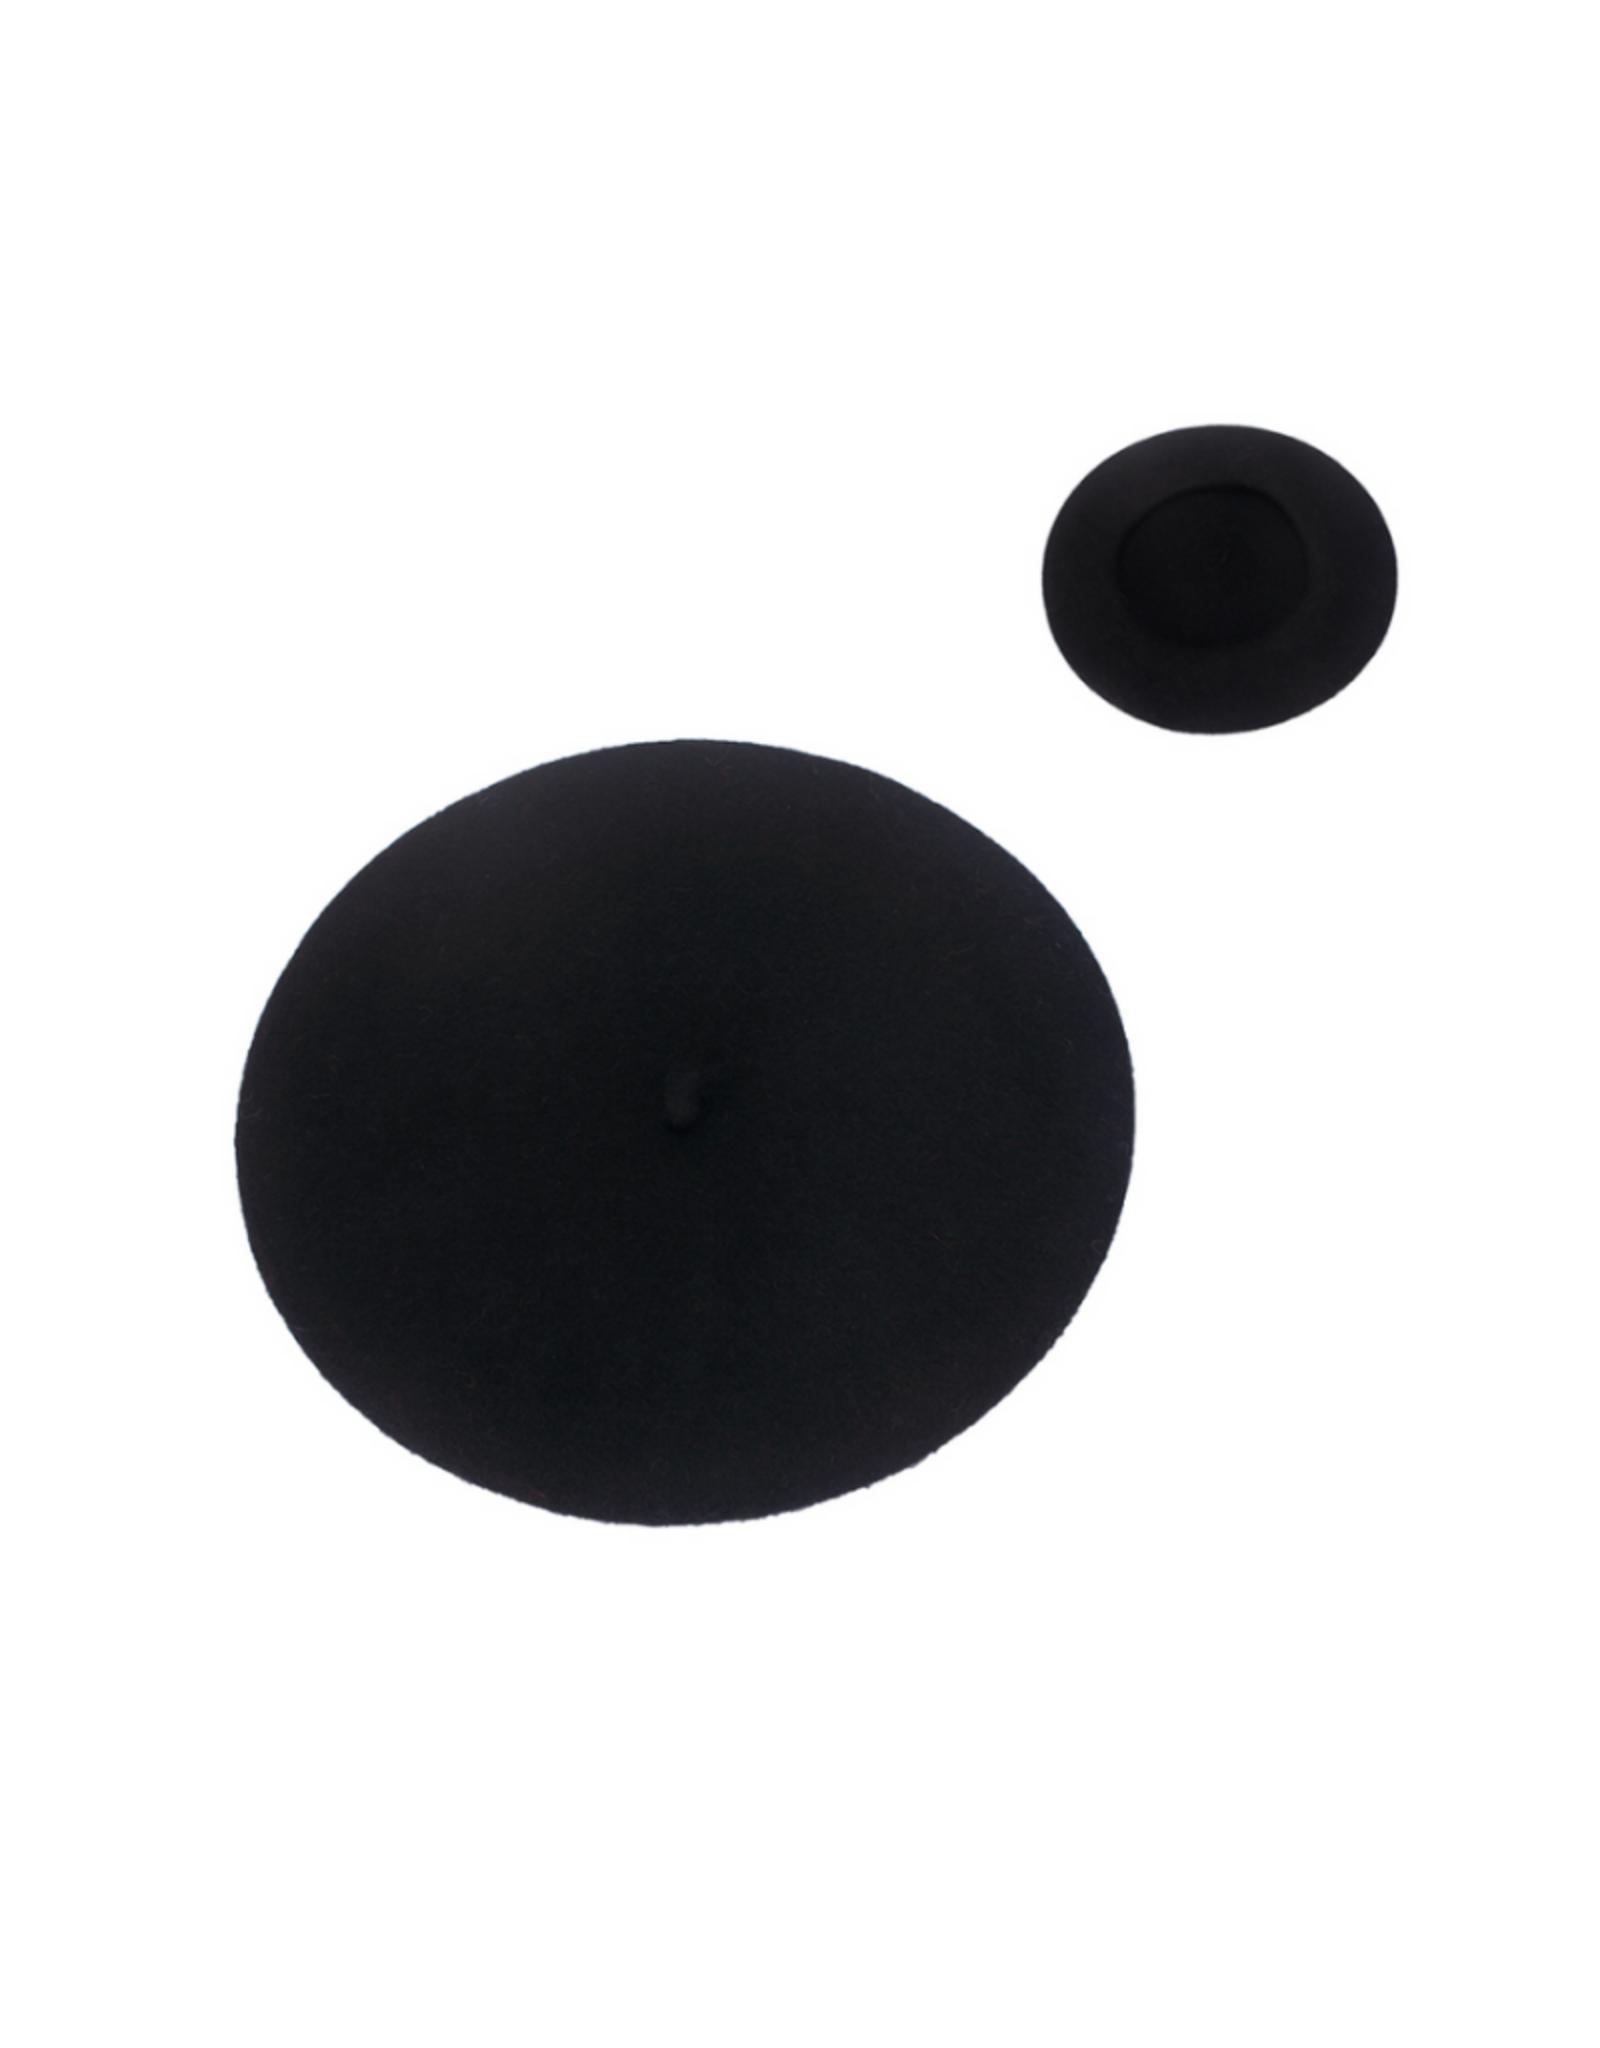 HAT-BERET-CLASSIC FELT